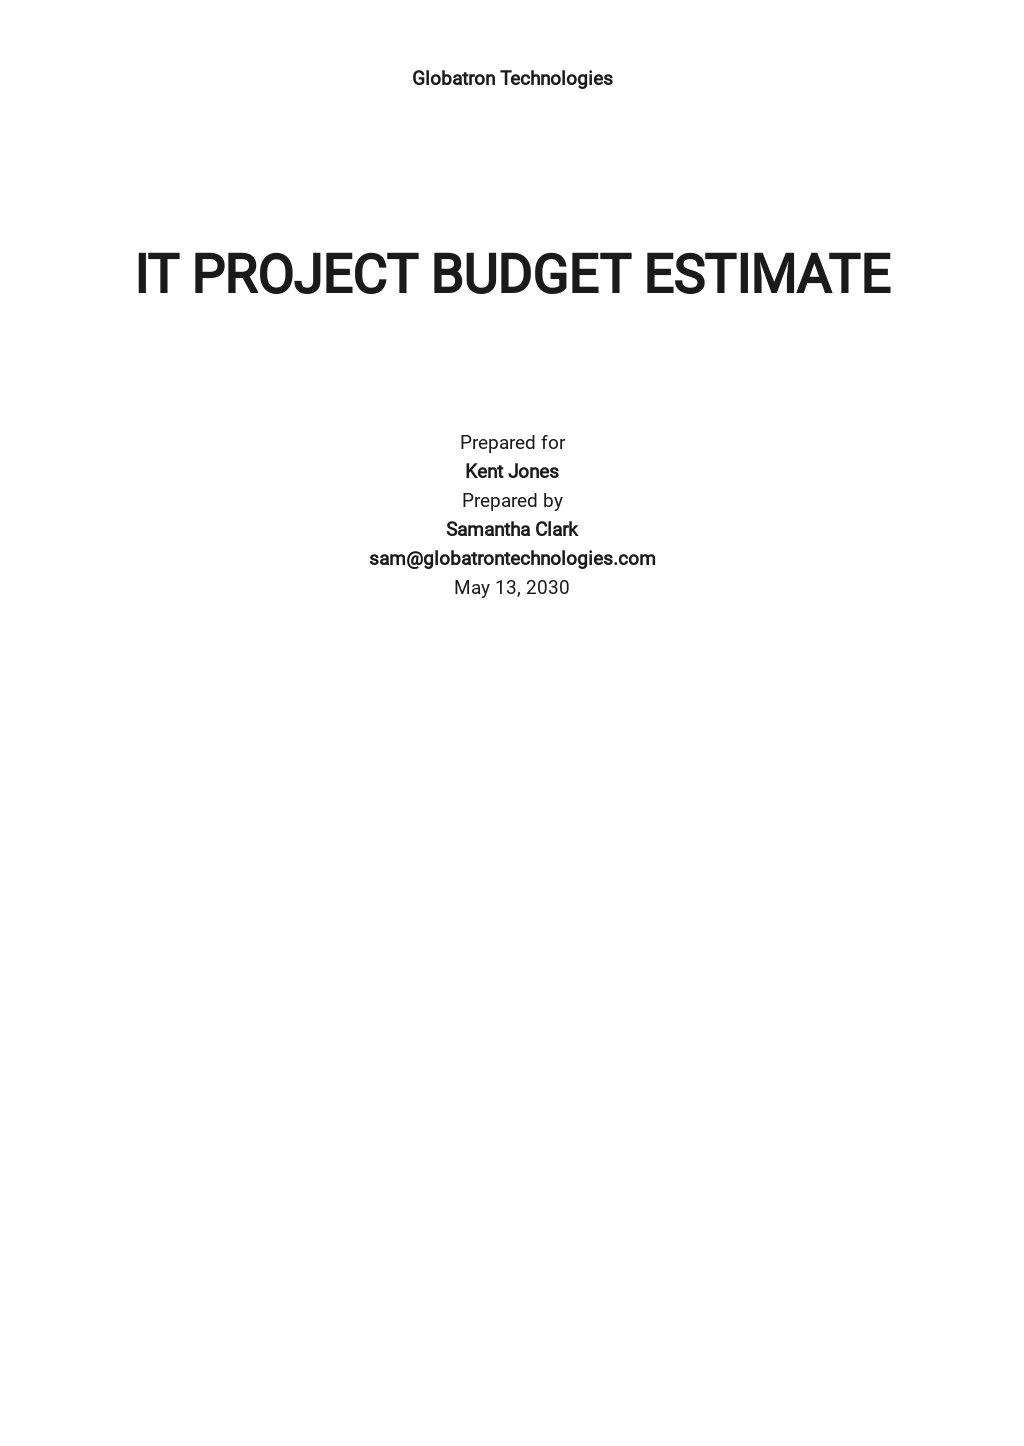 IT Project Budget Estimate Template.jpe